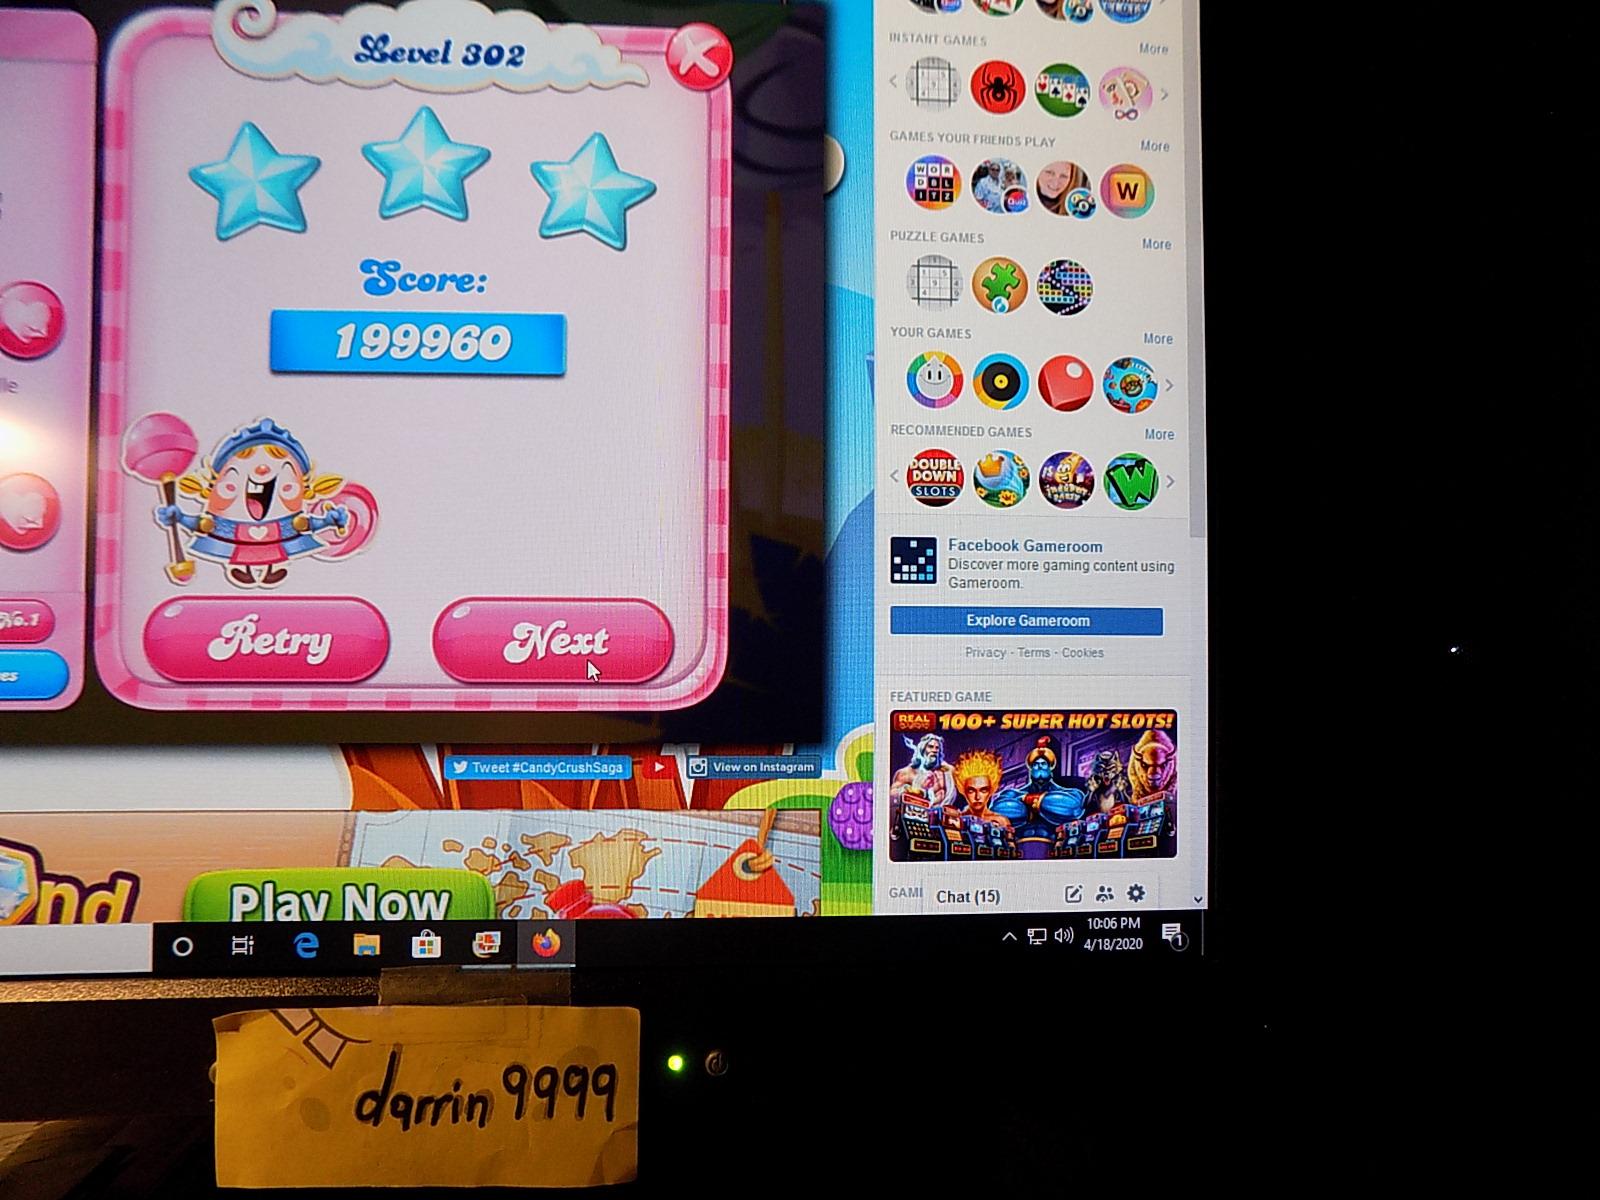 darrin9999: Candy Crush Saga: Level 302 (Web) 199,960 points on 2020-06-23 15:03:58